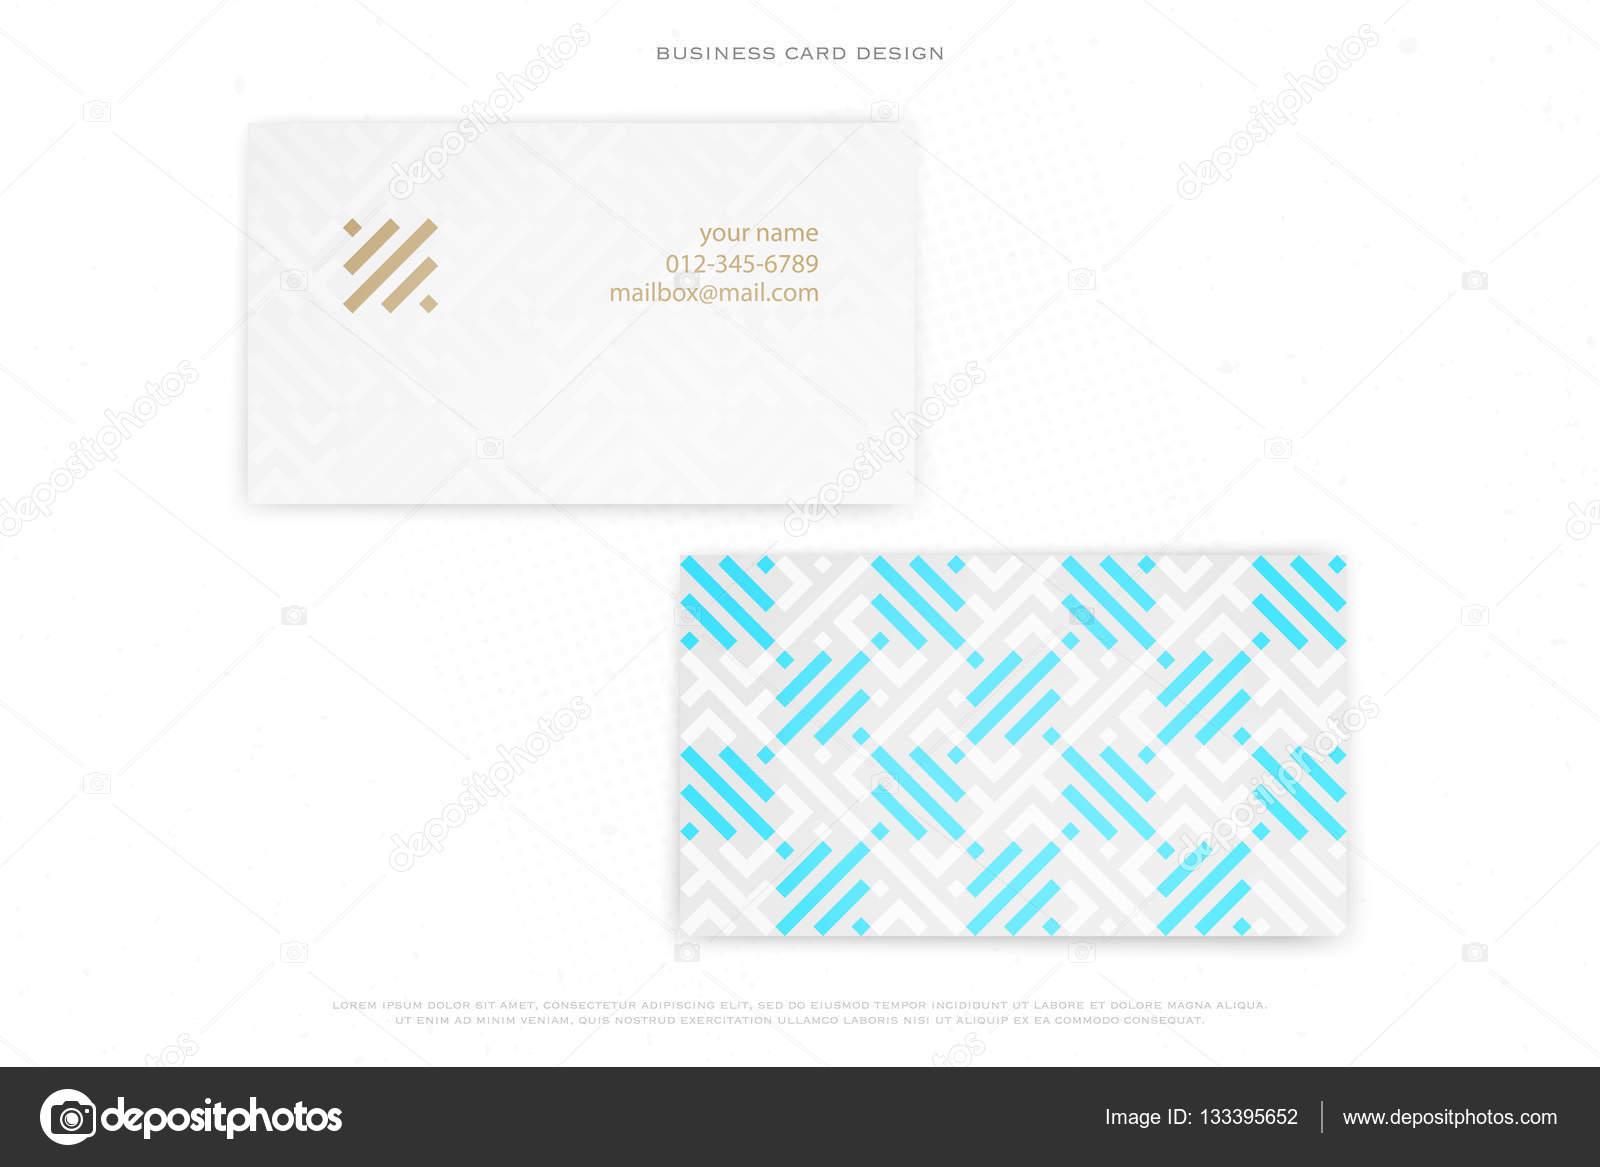 Carte De Visite Design Minimal Isole Sur Fond Blanc Vecteur Des Cartes Entreprise Avec Motif Elegant Et Lieu Pour Plus Dinformations Modele Logo